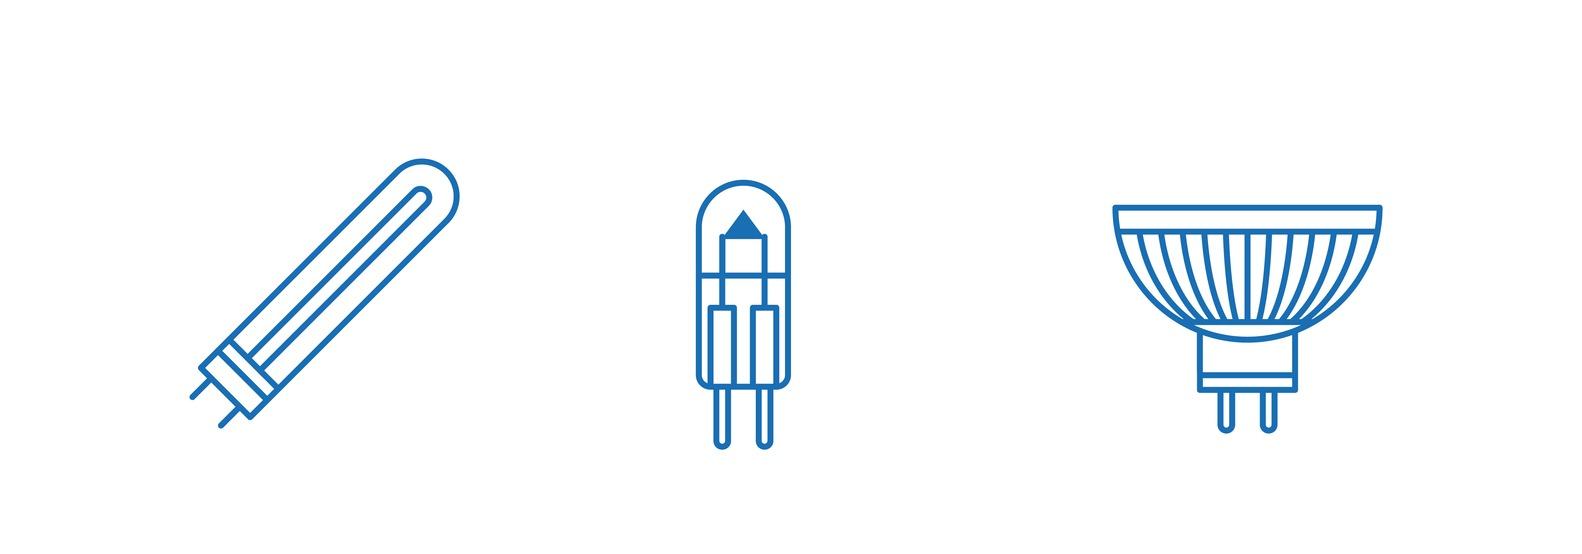 ¿Cómo elegir bombillas o ampolletas para un proyecto de arquitectura?,via Shutterstock. Image © ArchDaily